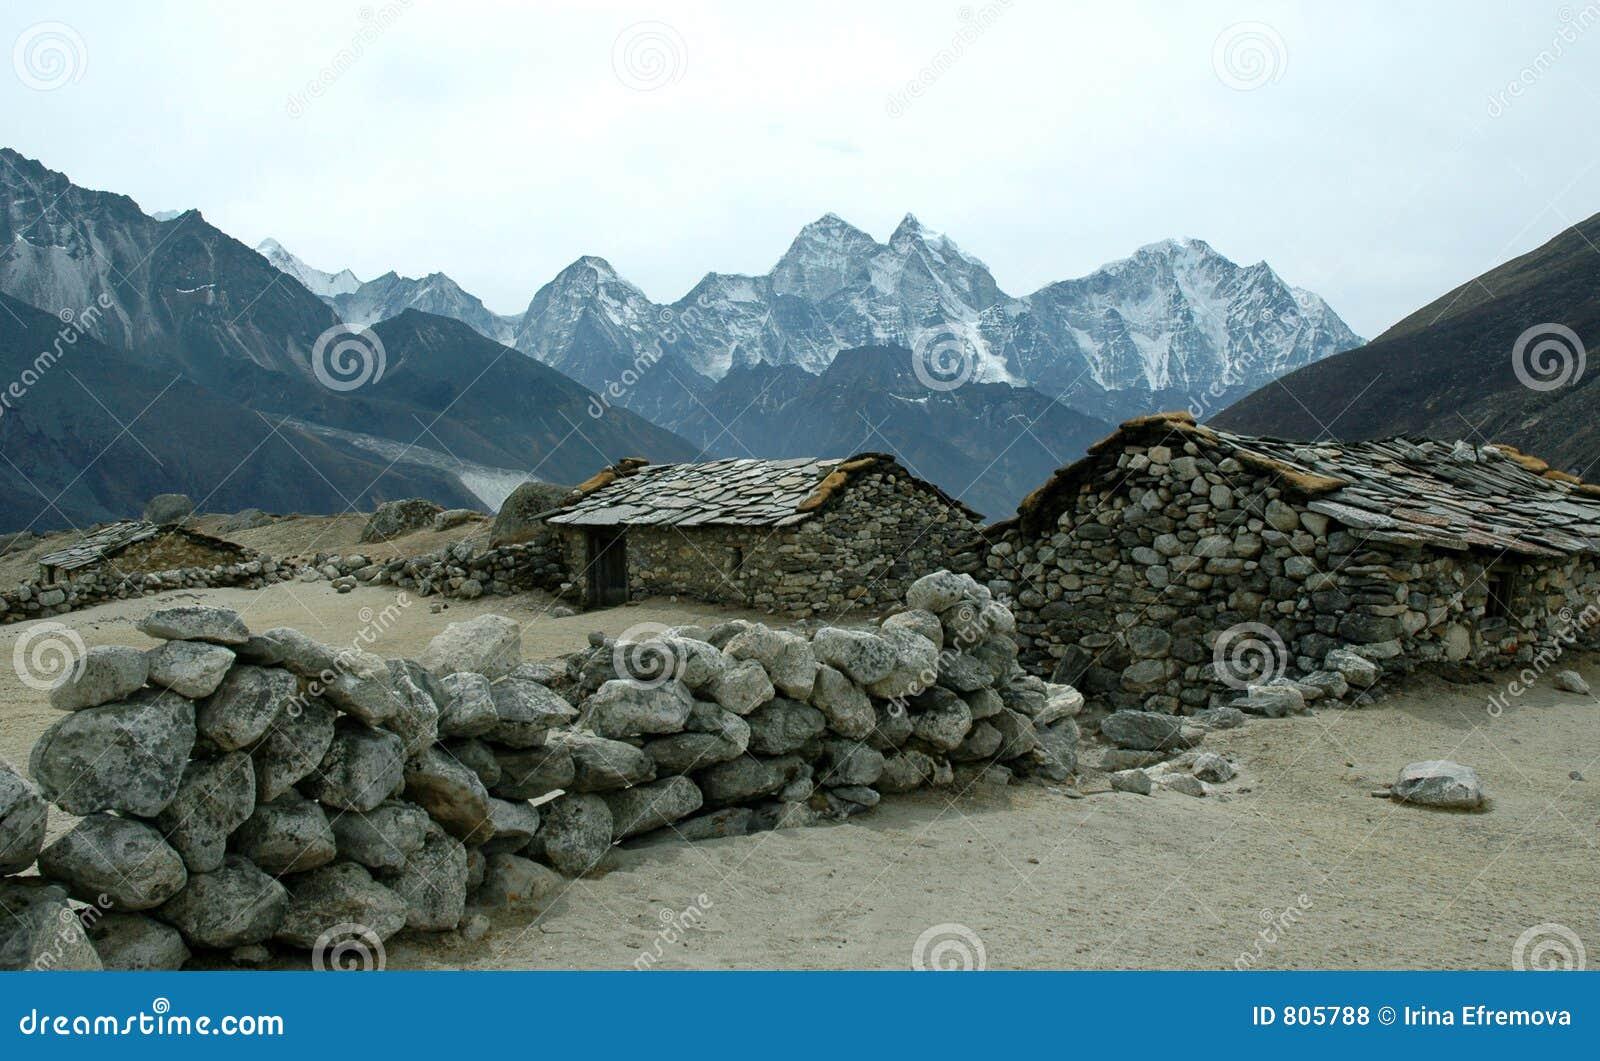 Himalaya dasani business plan